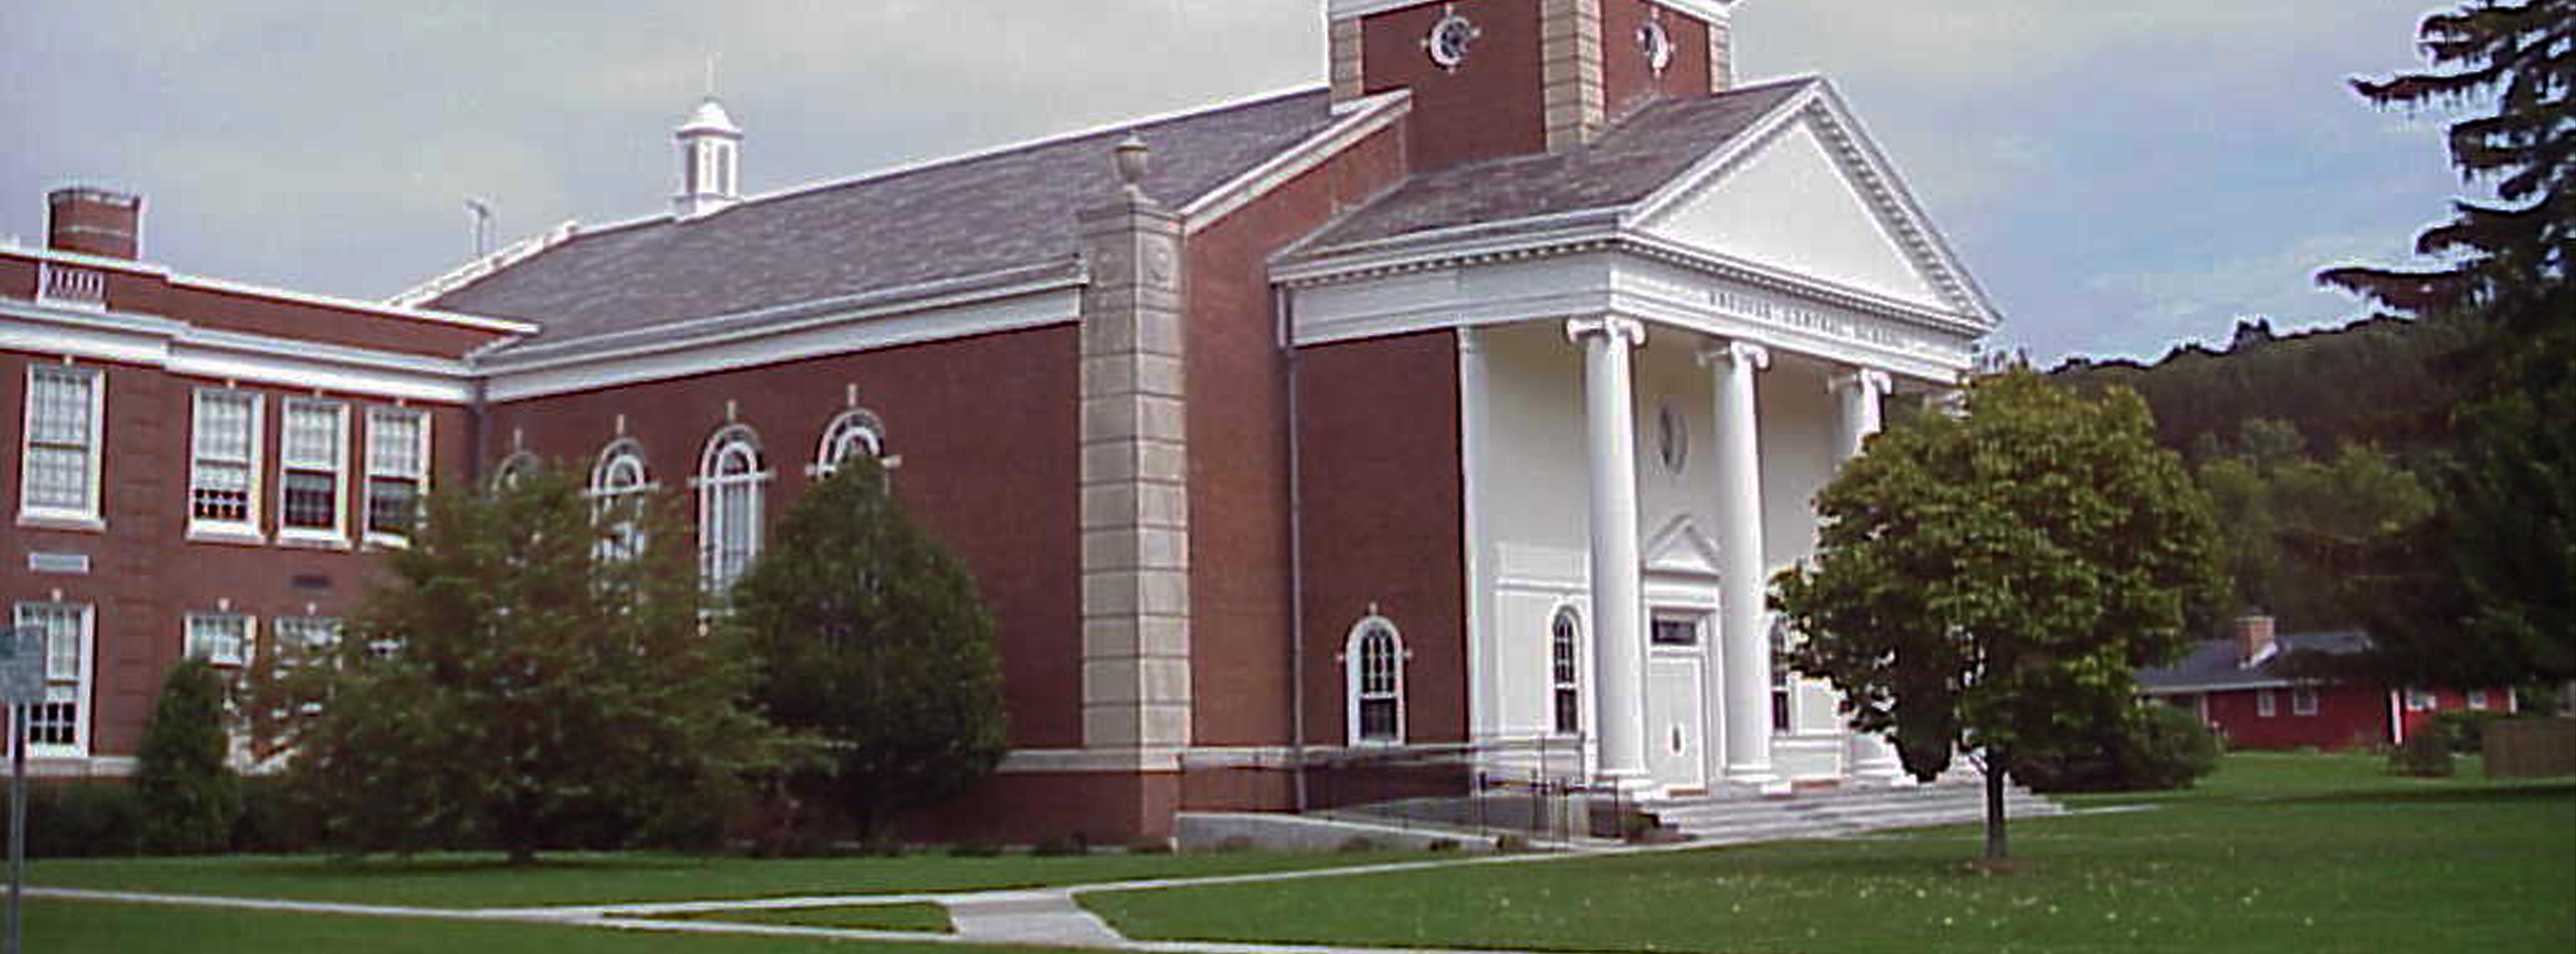 Andover School Building